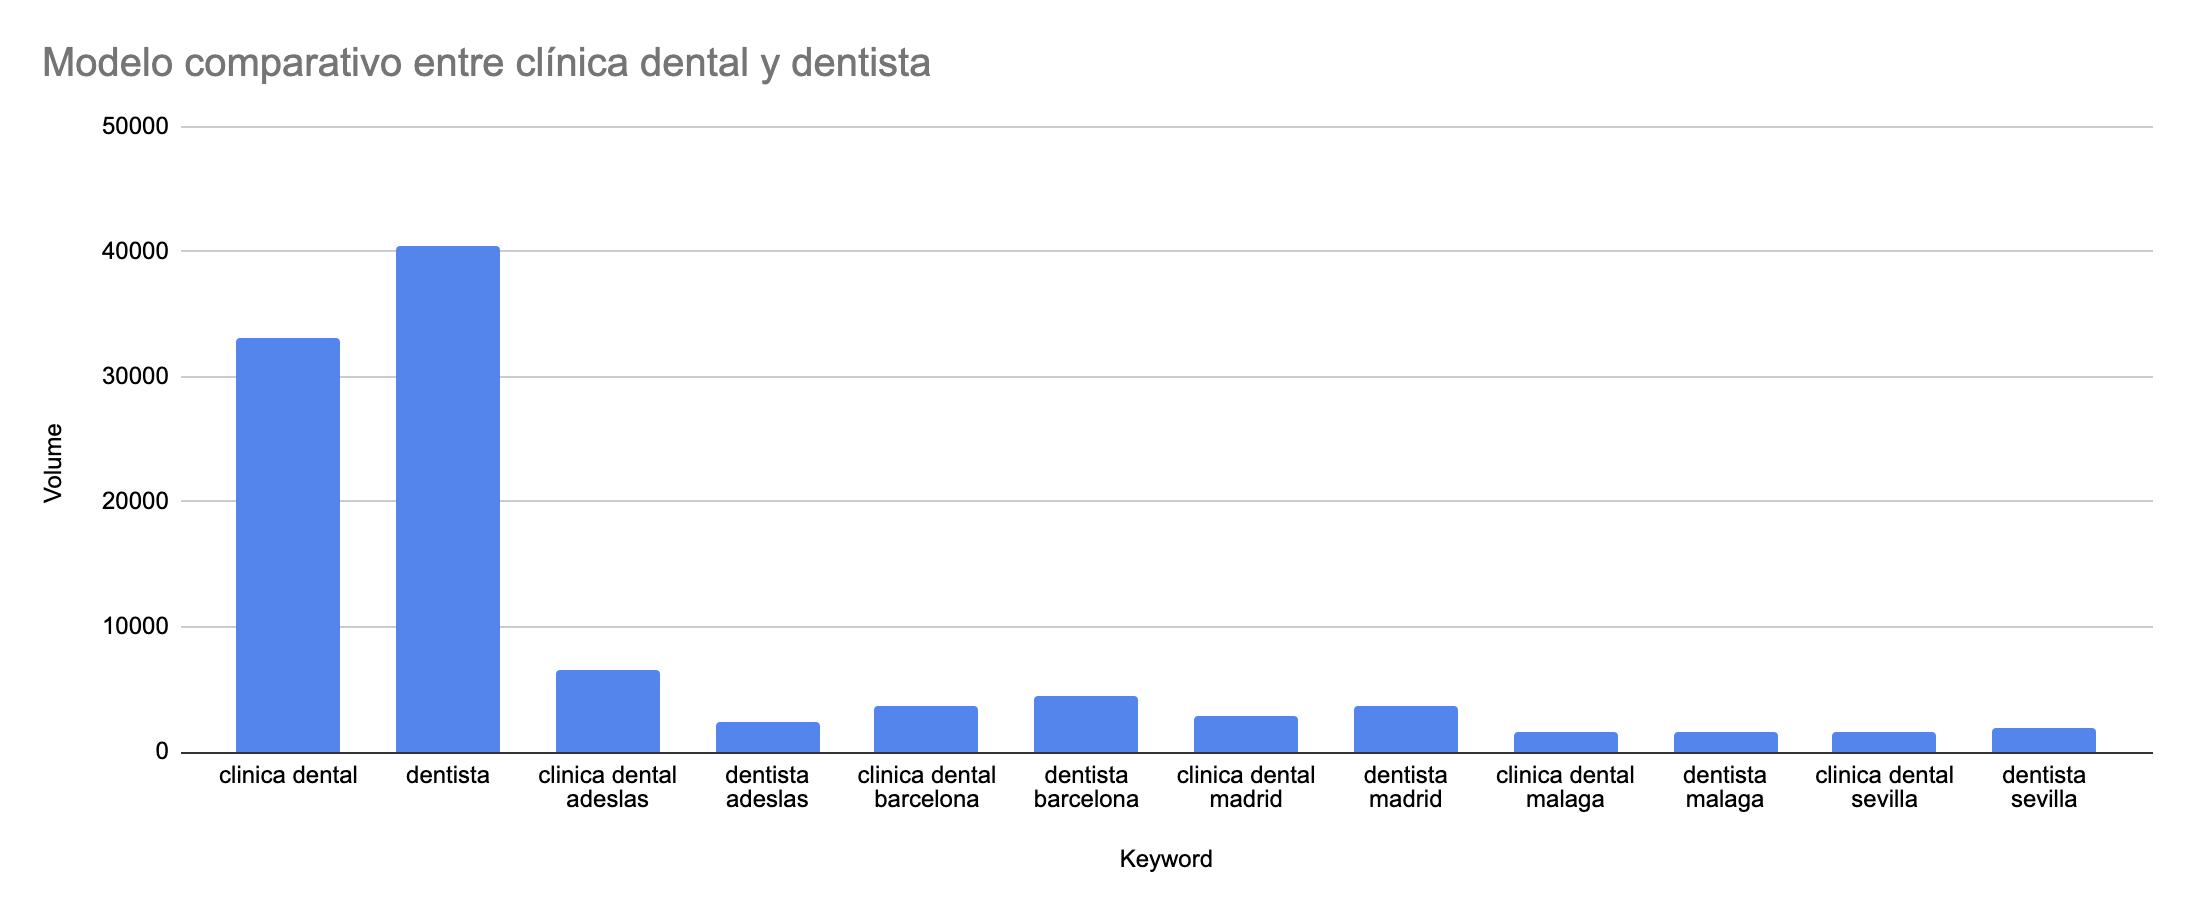 Modelo comparativo entre clínica dental y dentista